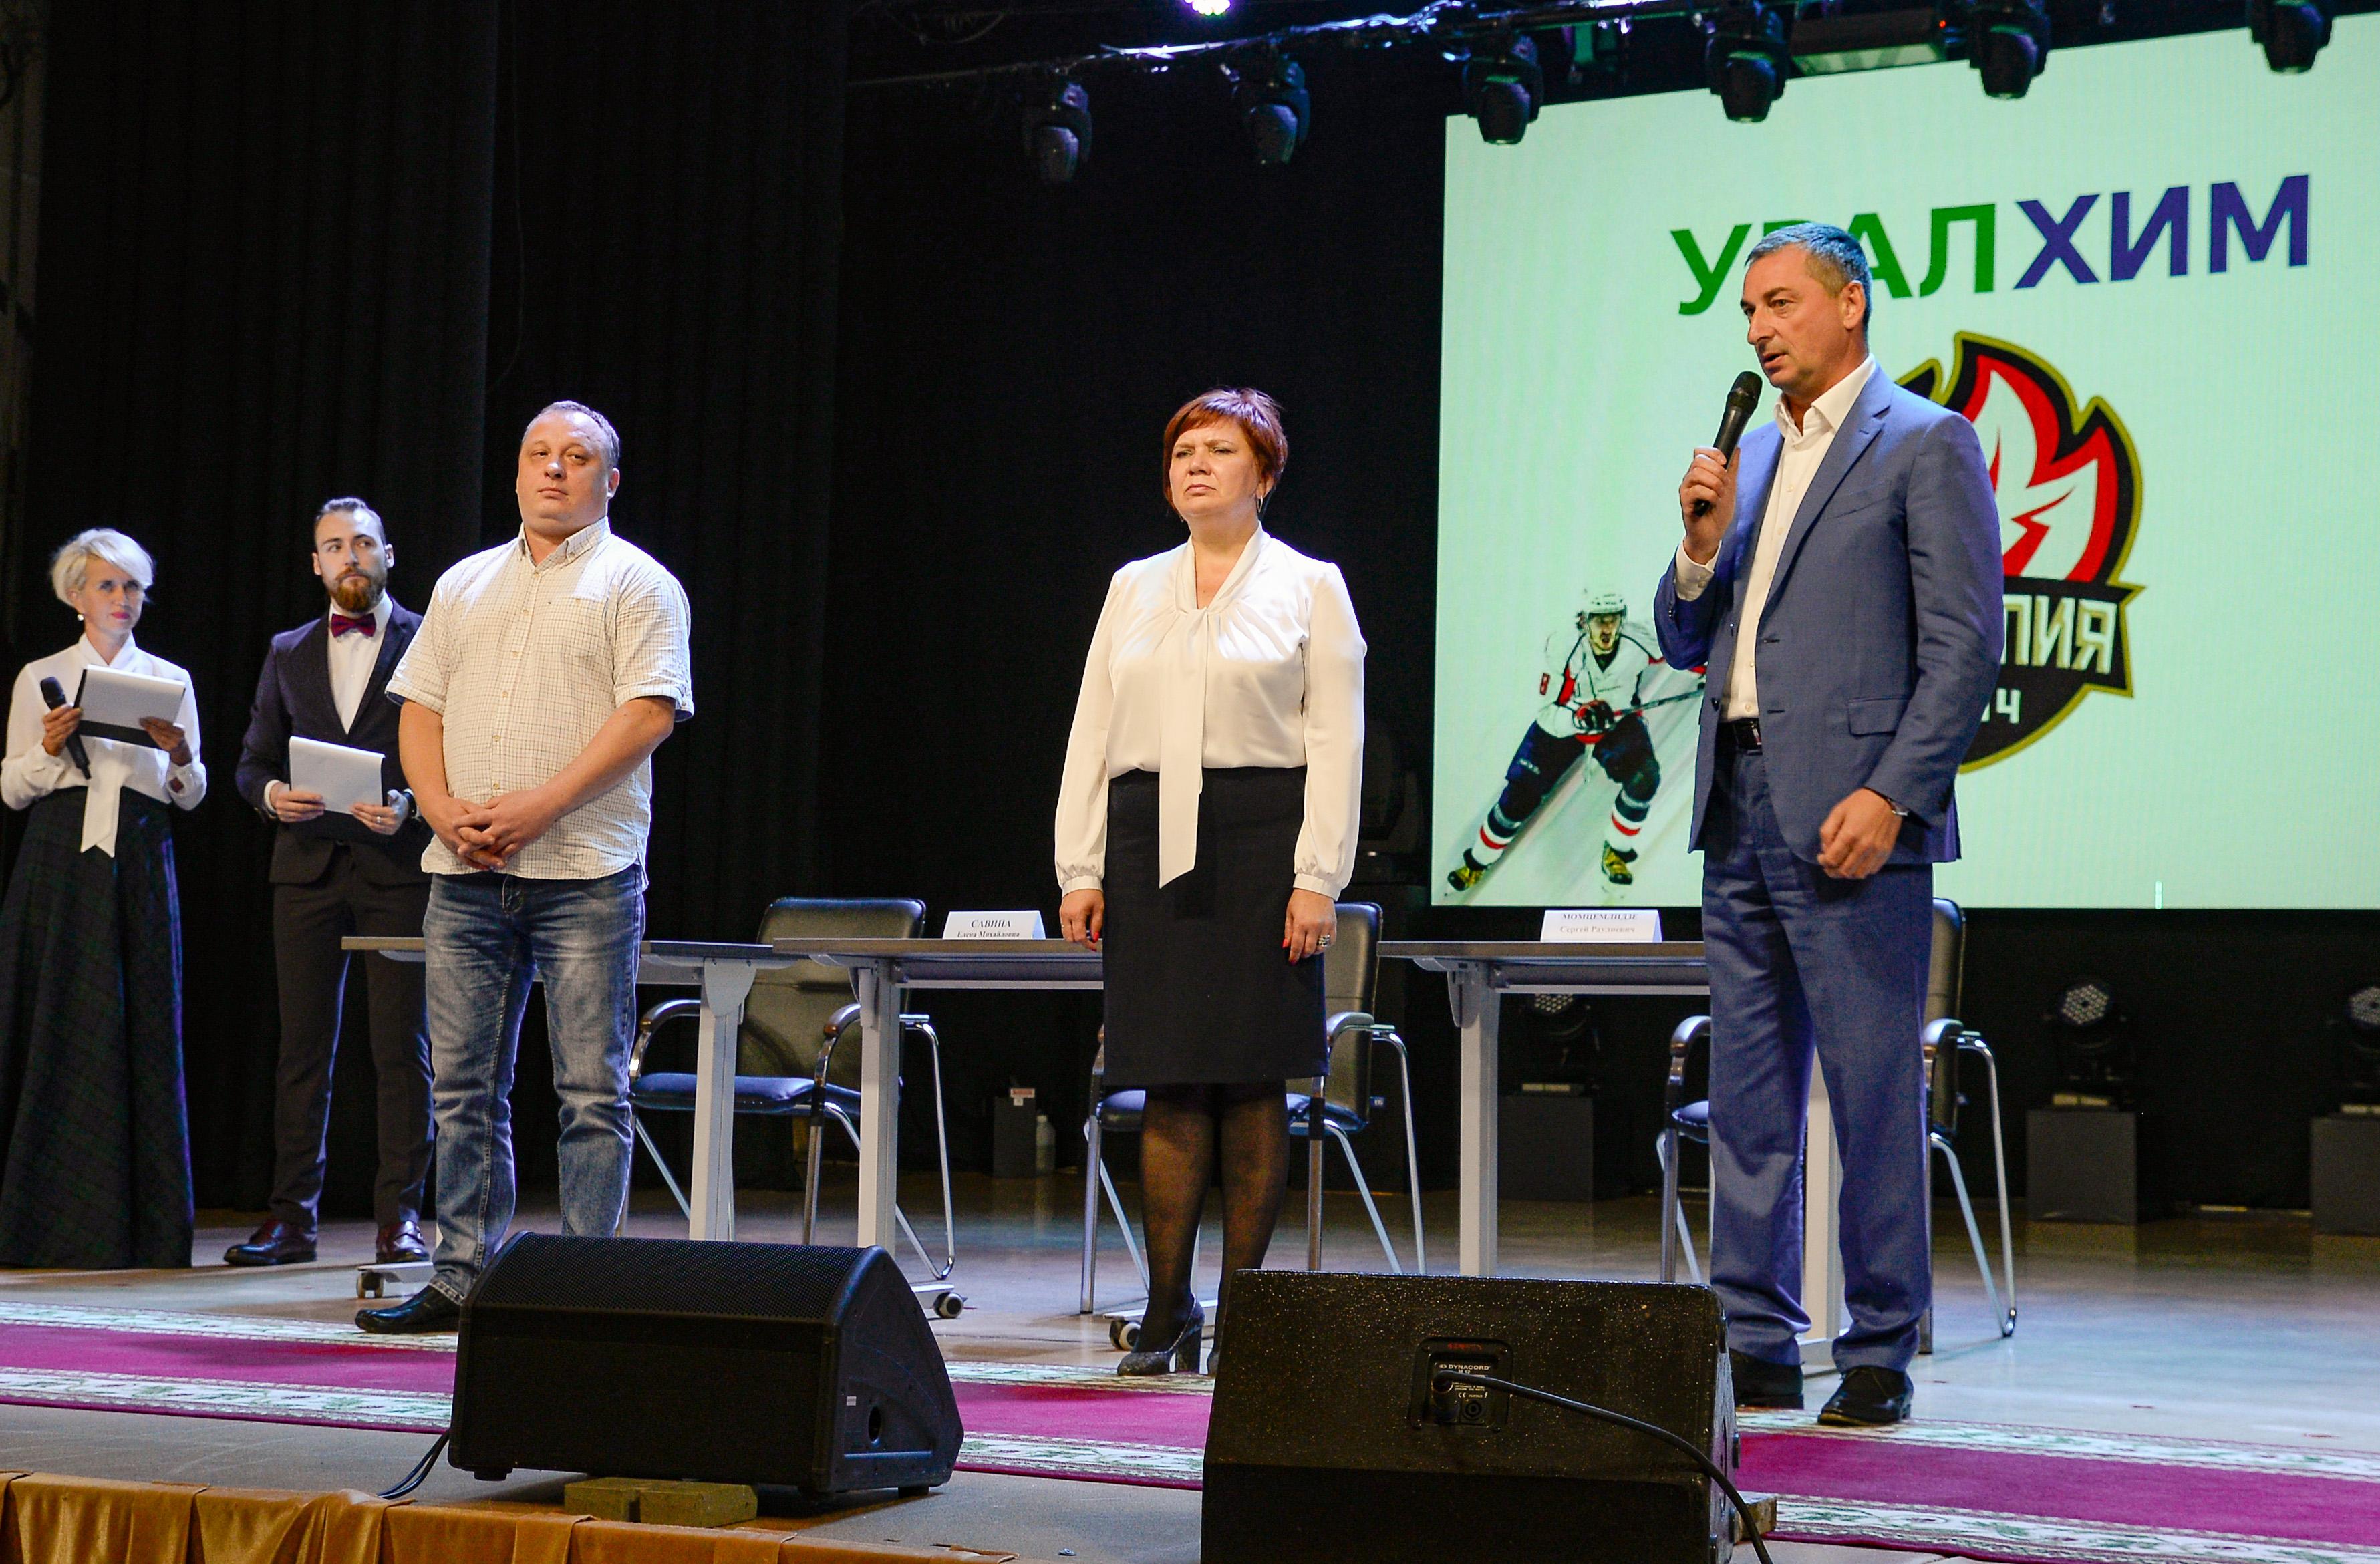 «Уралхим» поддержит МХК «Олимпия»